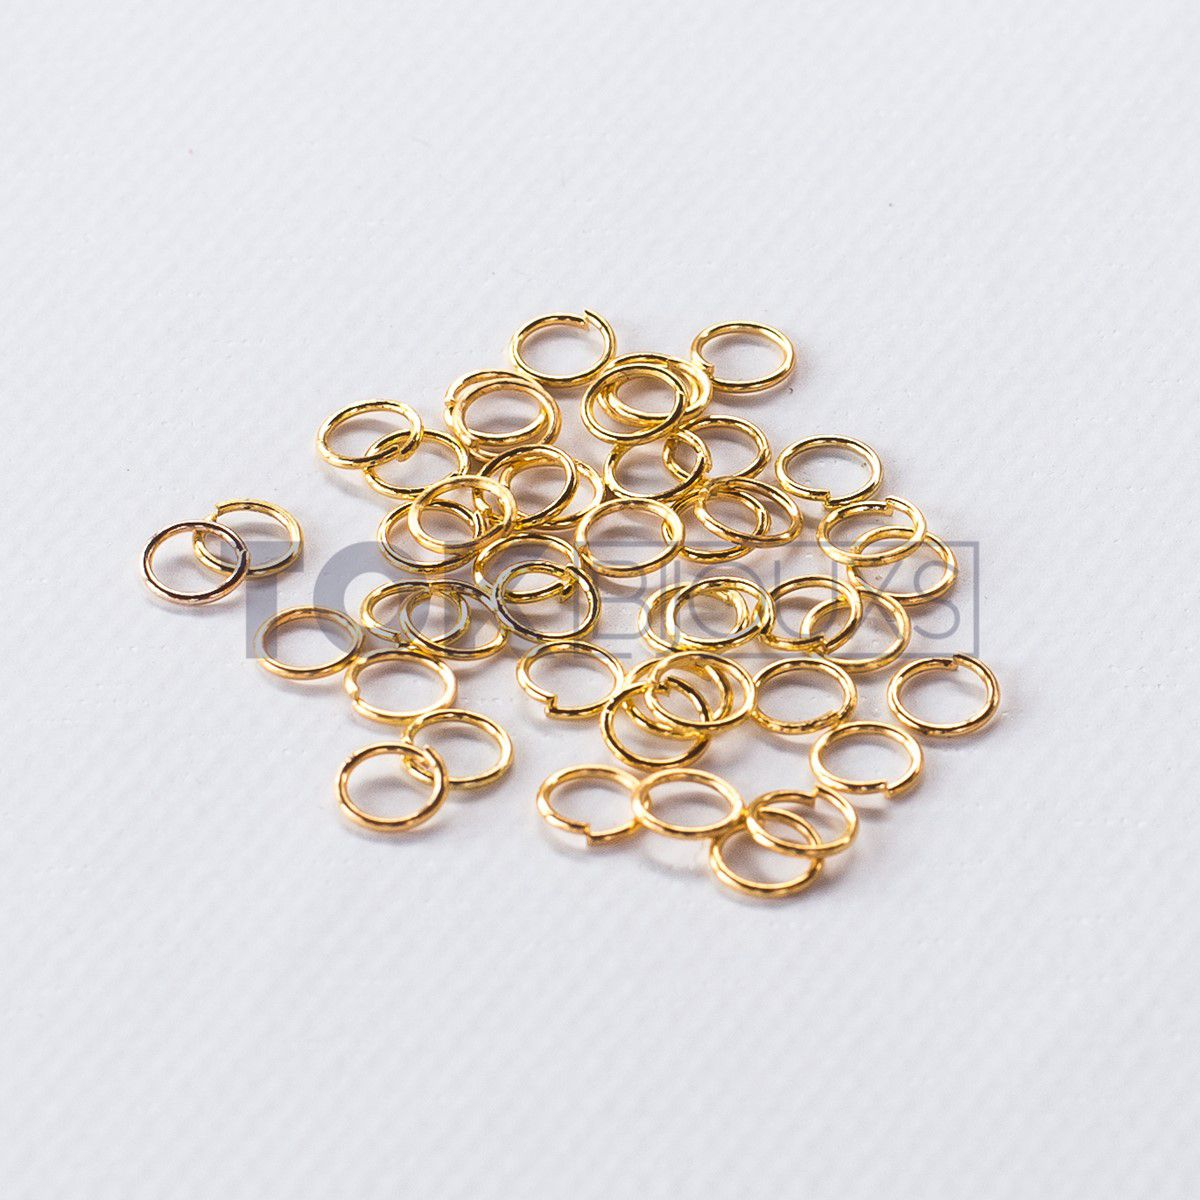 Argola De Ferro 10mm - Dourada - 25g